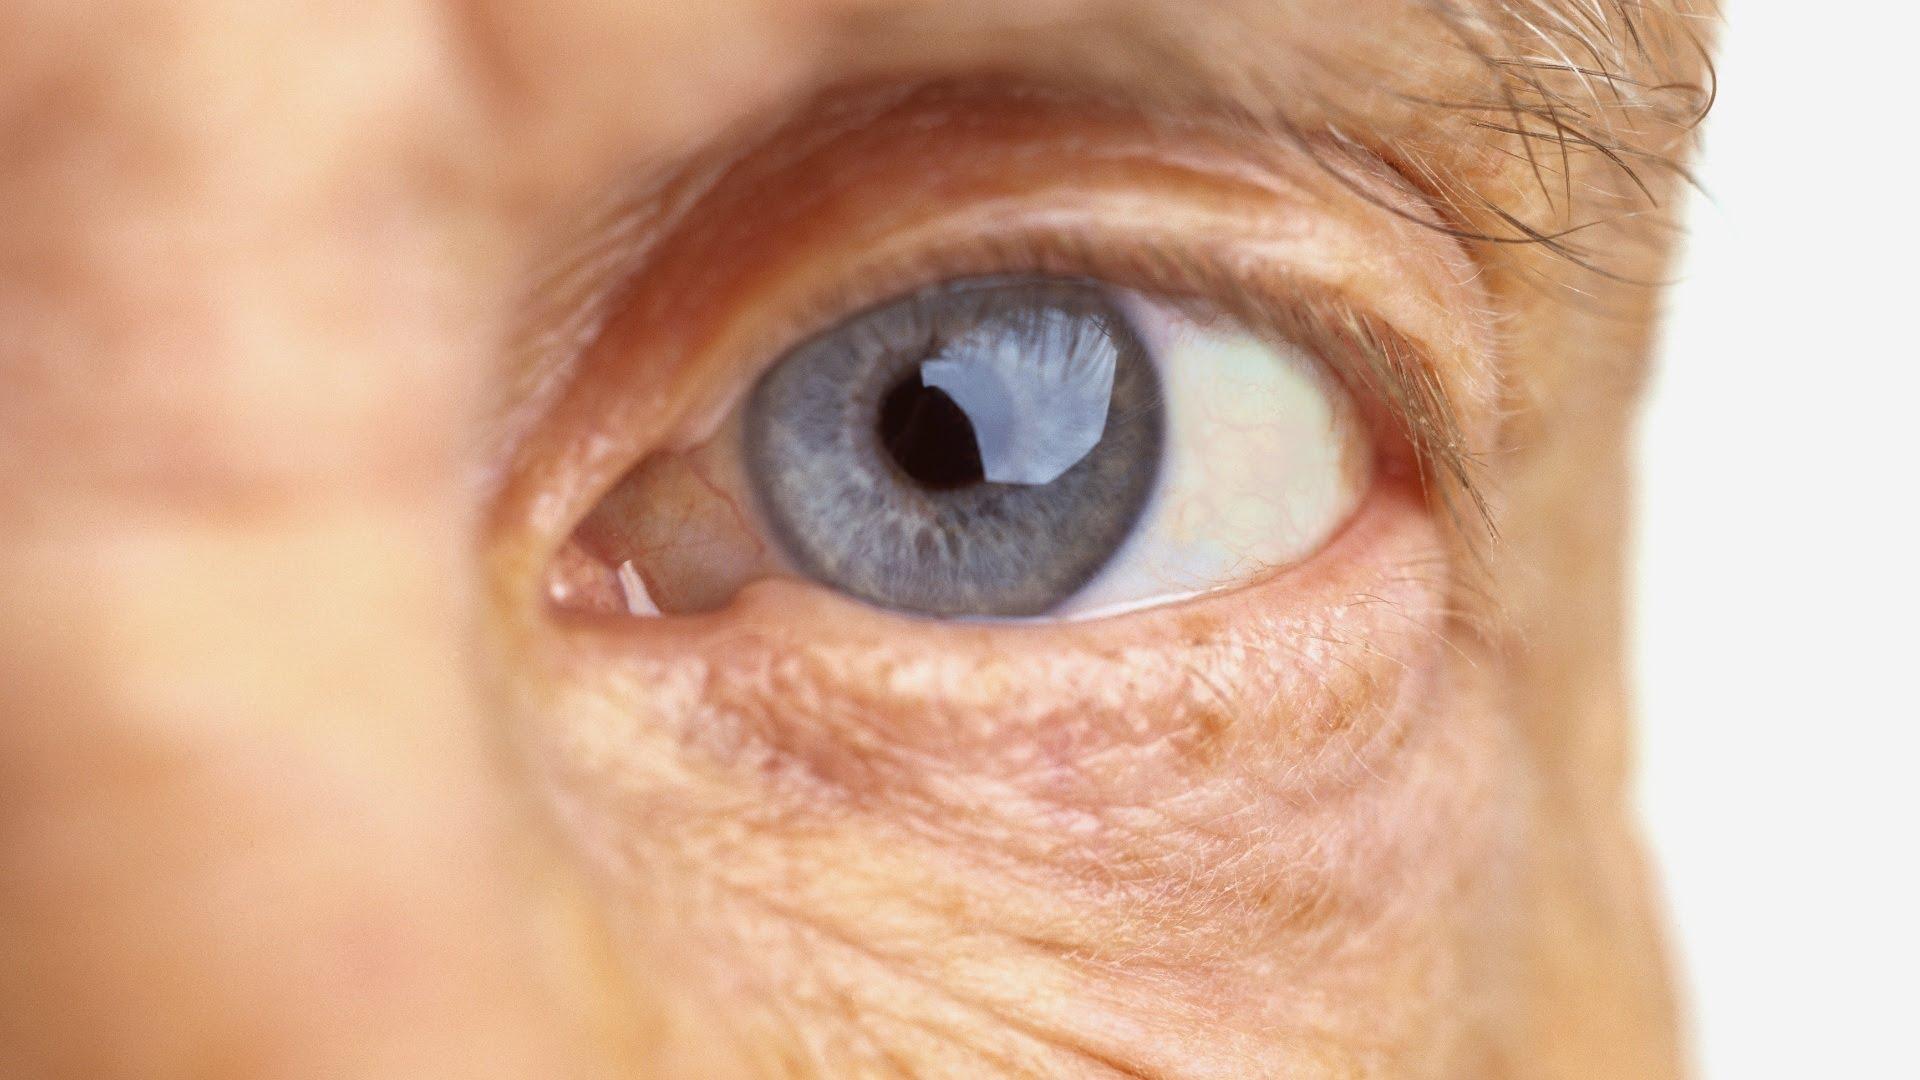 saúde dos olhos - ponto de visão